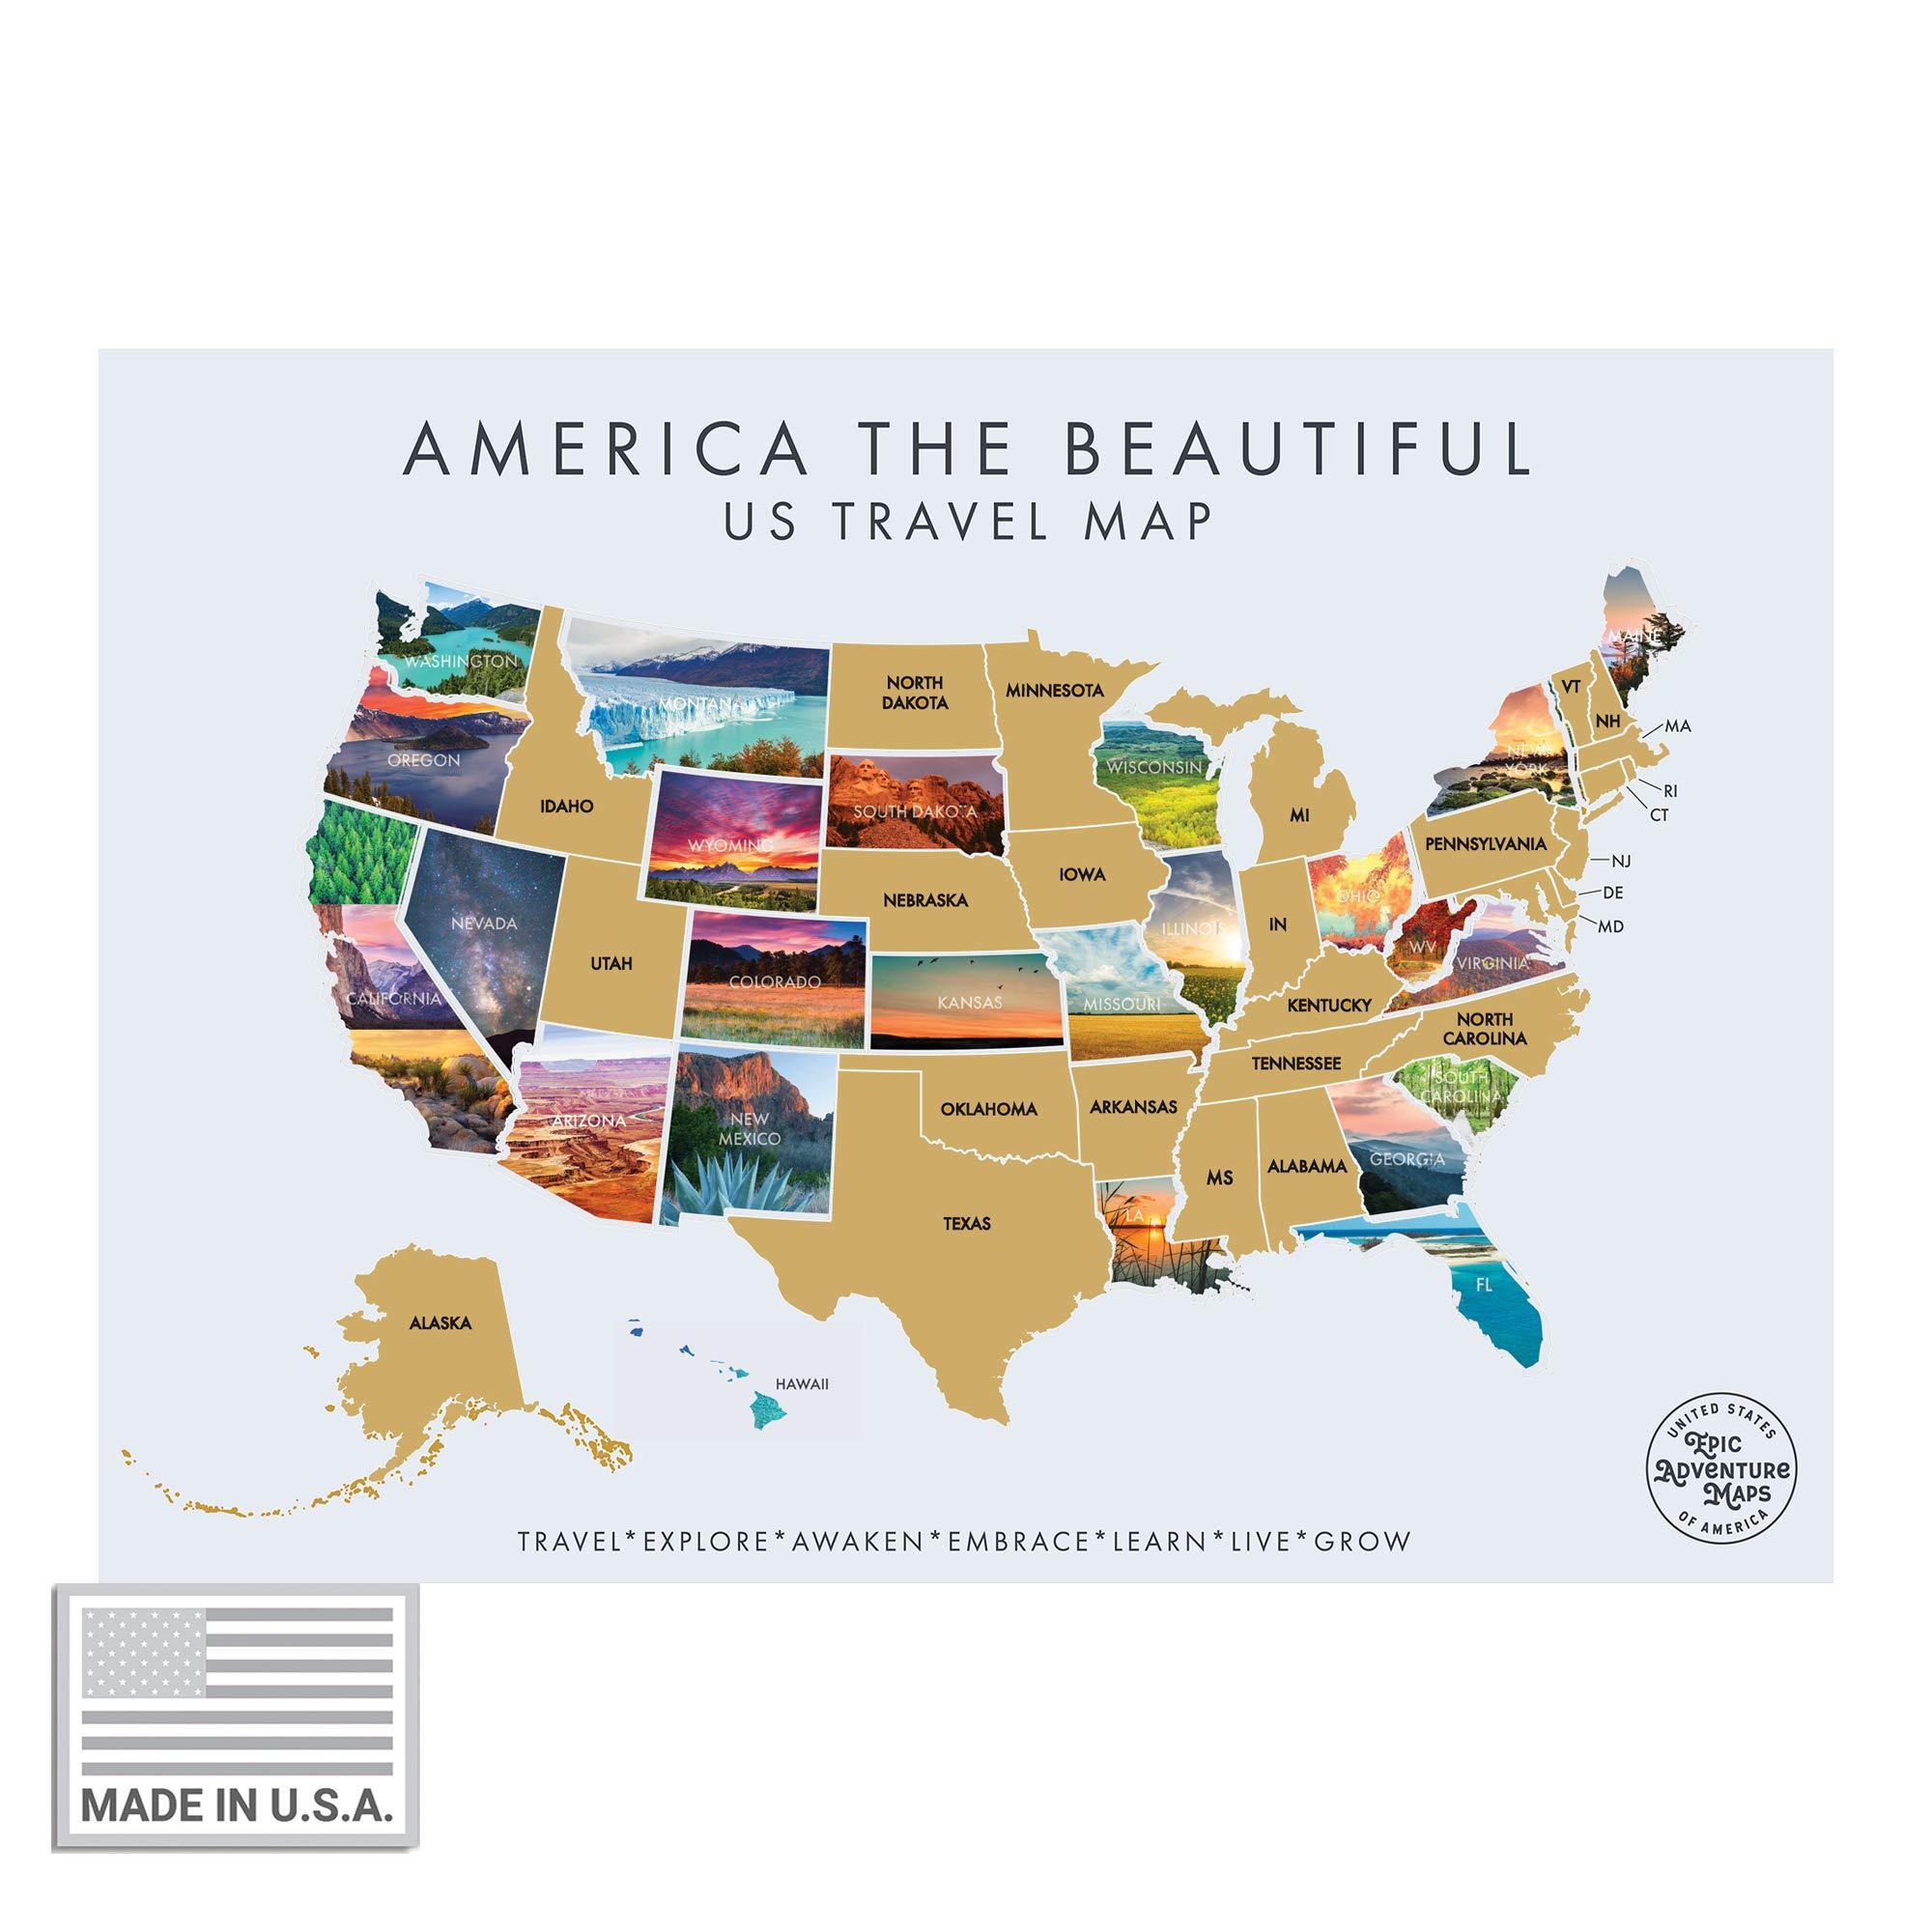 Mapa interactivo de Estados Unidos para rascar - Póster interactivo de viaje para rascar revela una hermosa